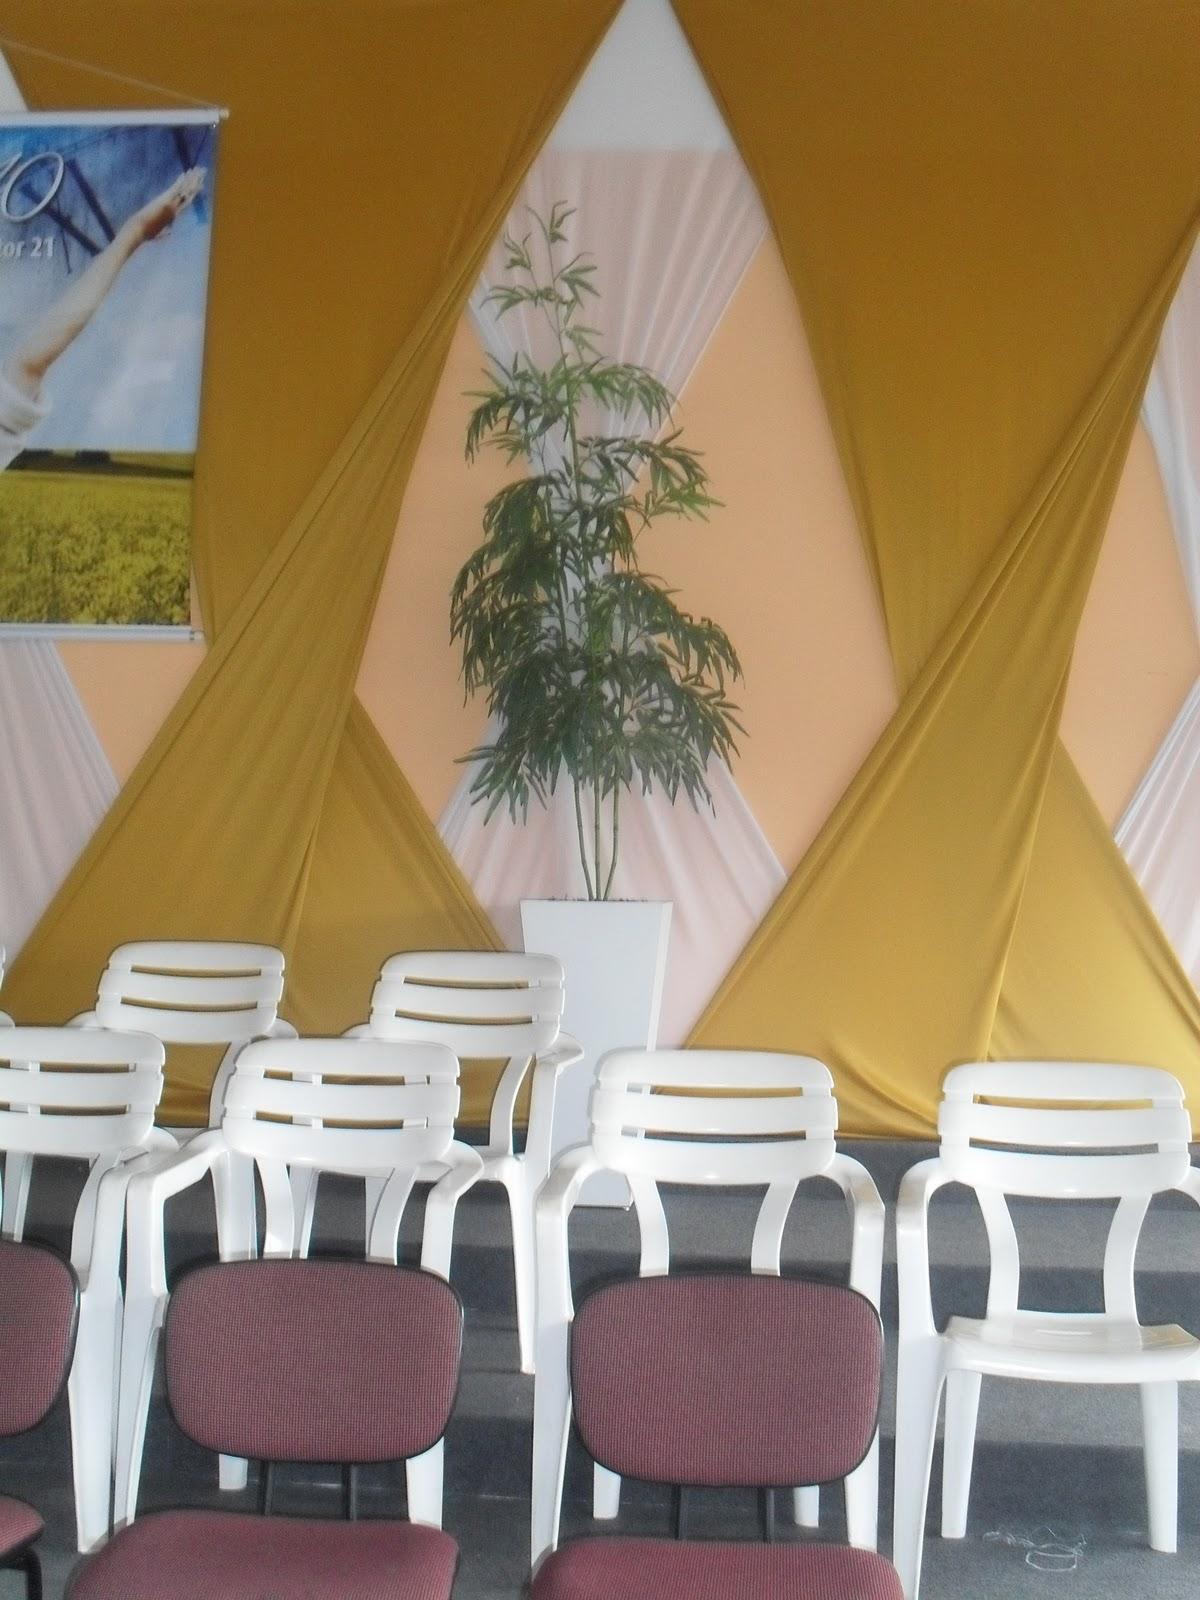 dias 24,25 e 26 de Setembro na igreja Evangelica Assembleia de Deus em